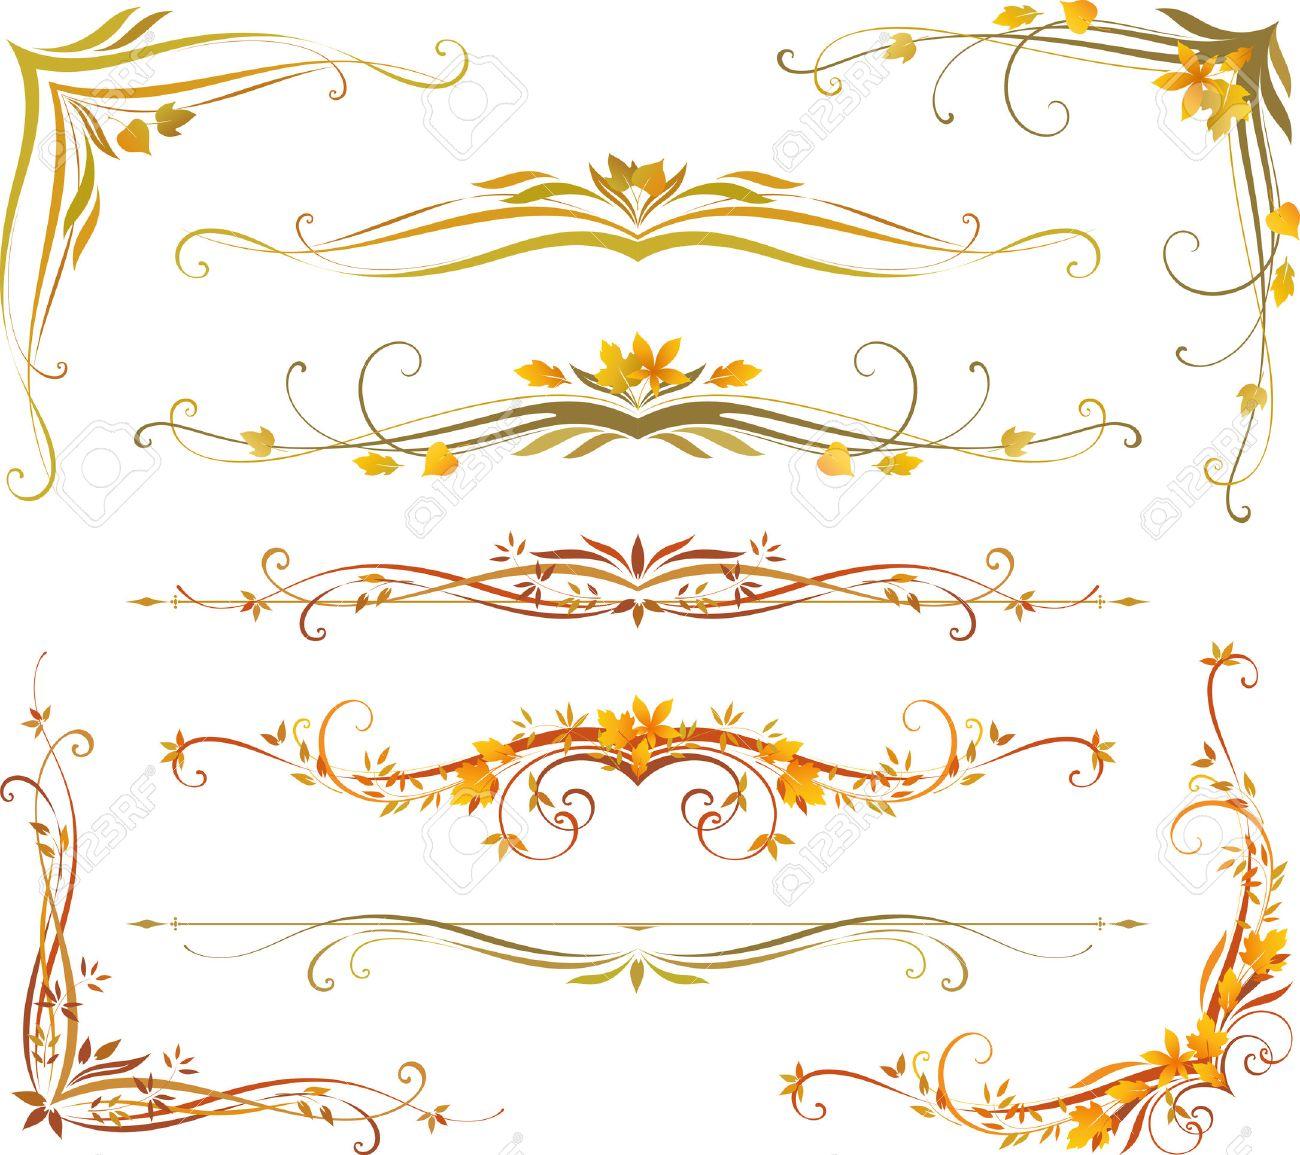 diseño vectorizado de desplazamiento uso para las invitaciones de